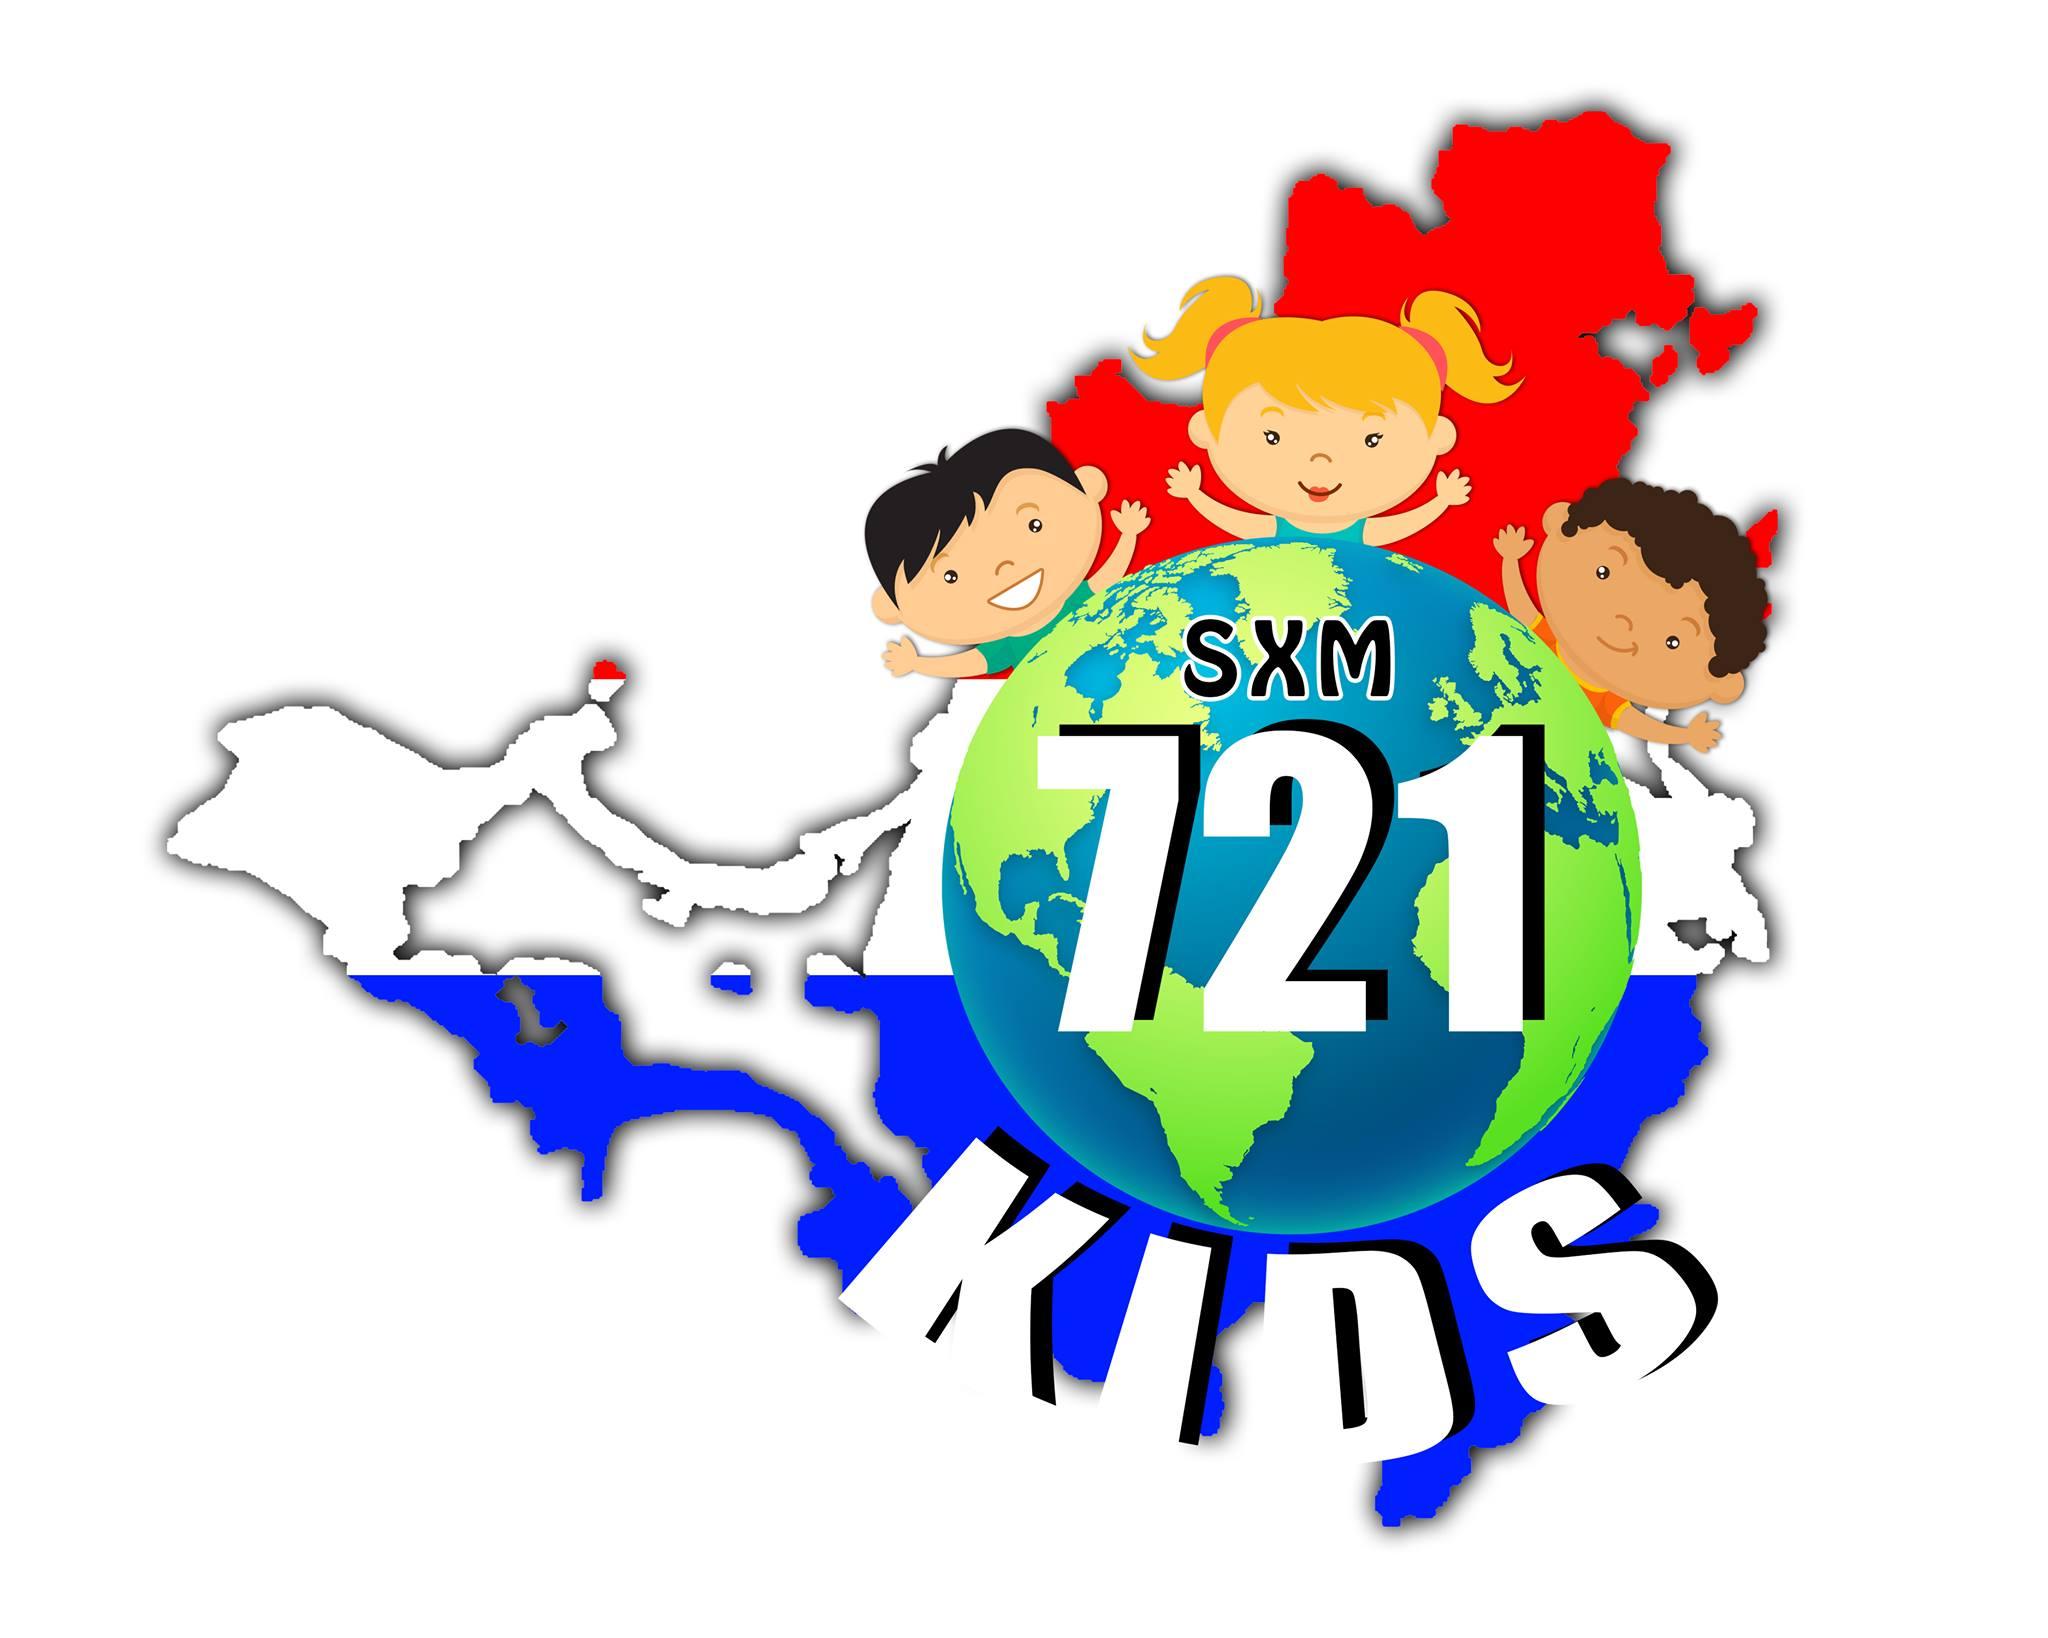 721 Kids Foundation